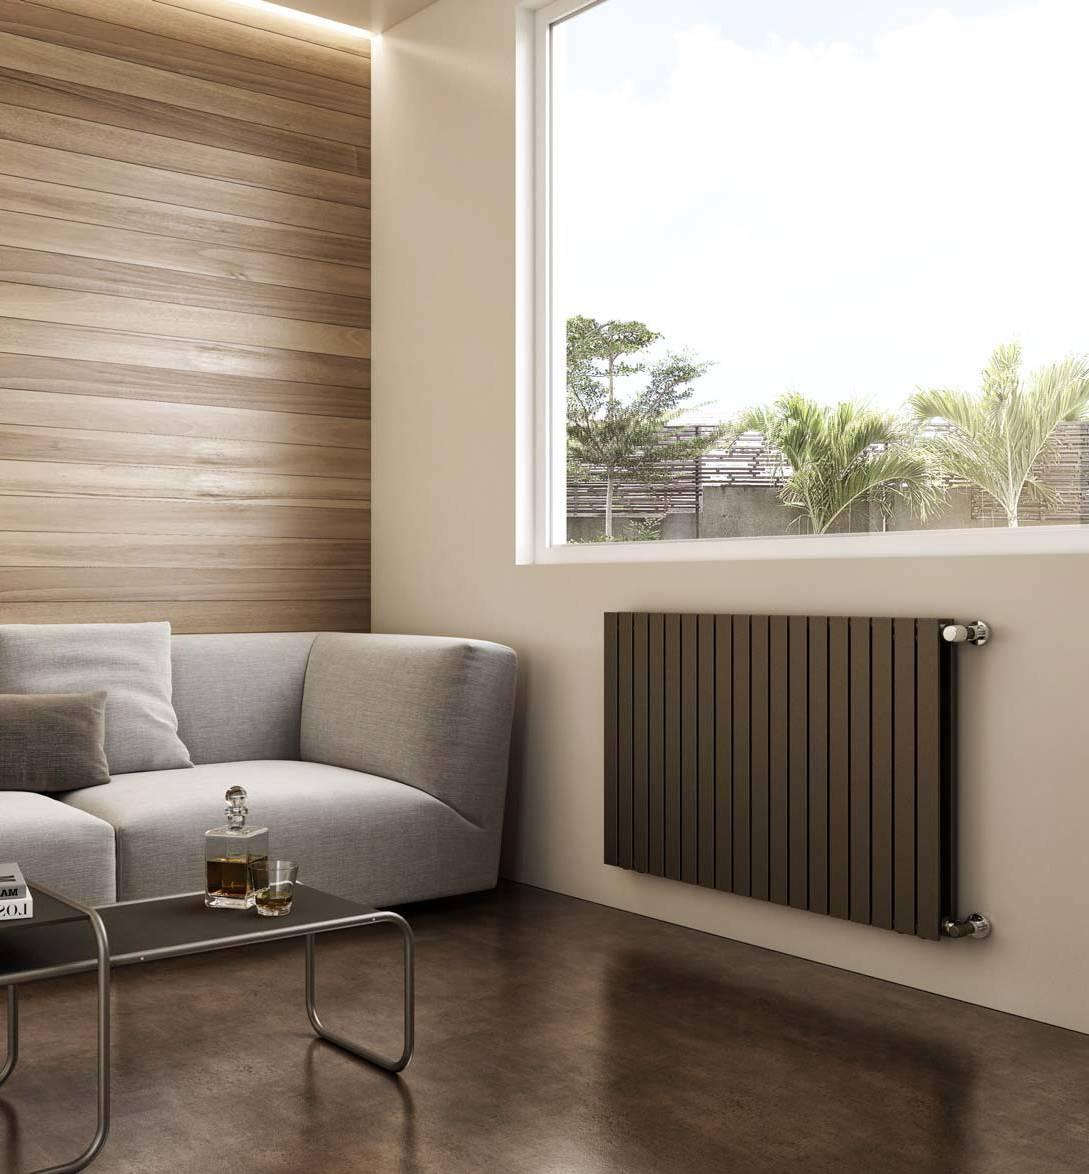 Heizkörper-radiator-Roten-Tandem-Doppel-Kordivari-A-Plattenersatz